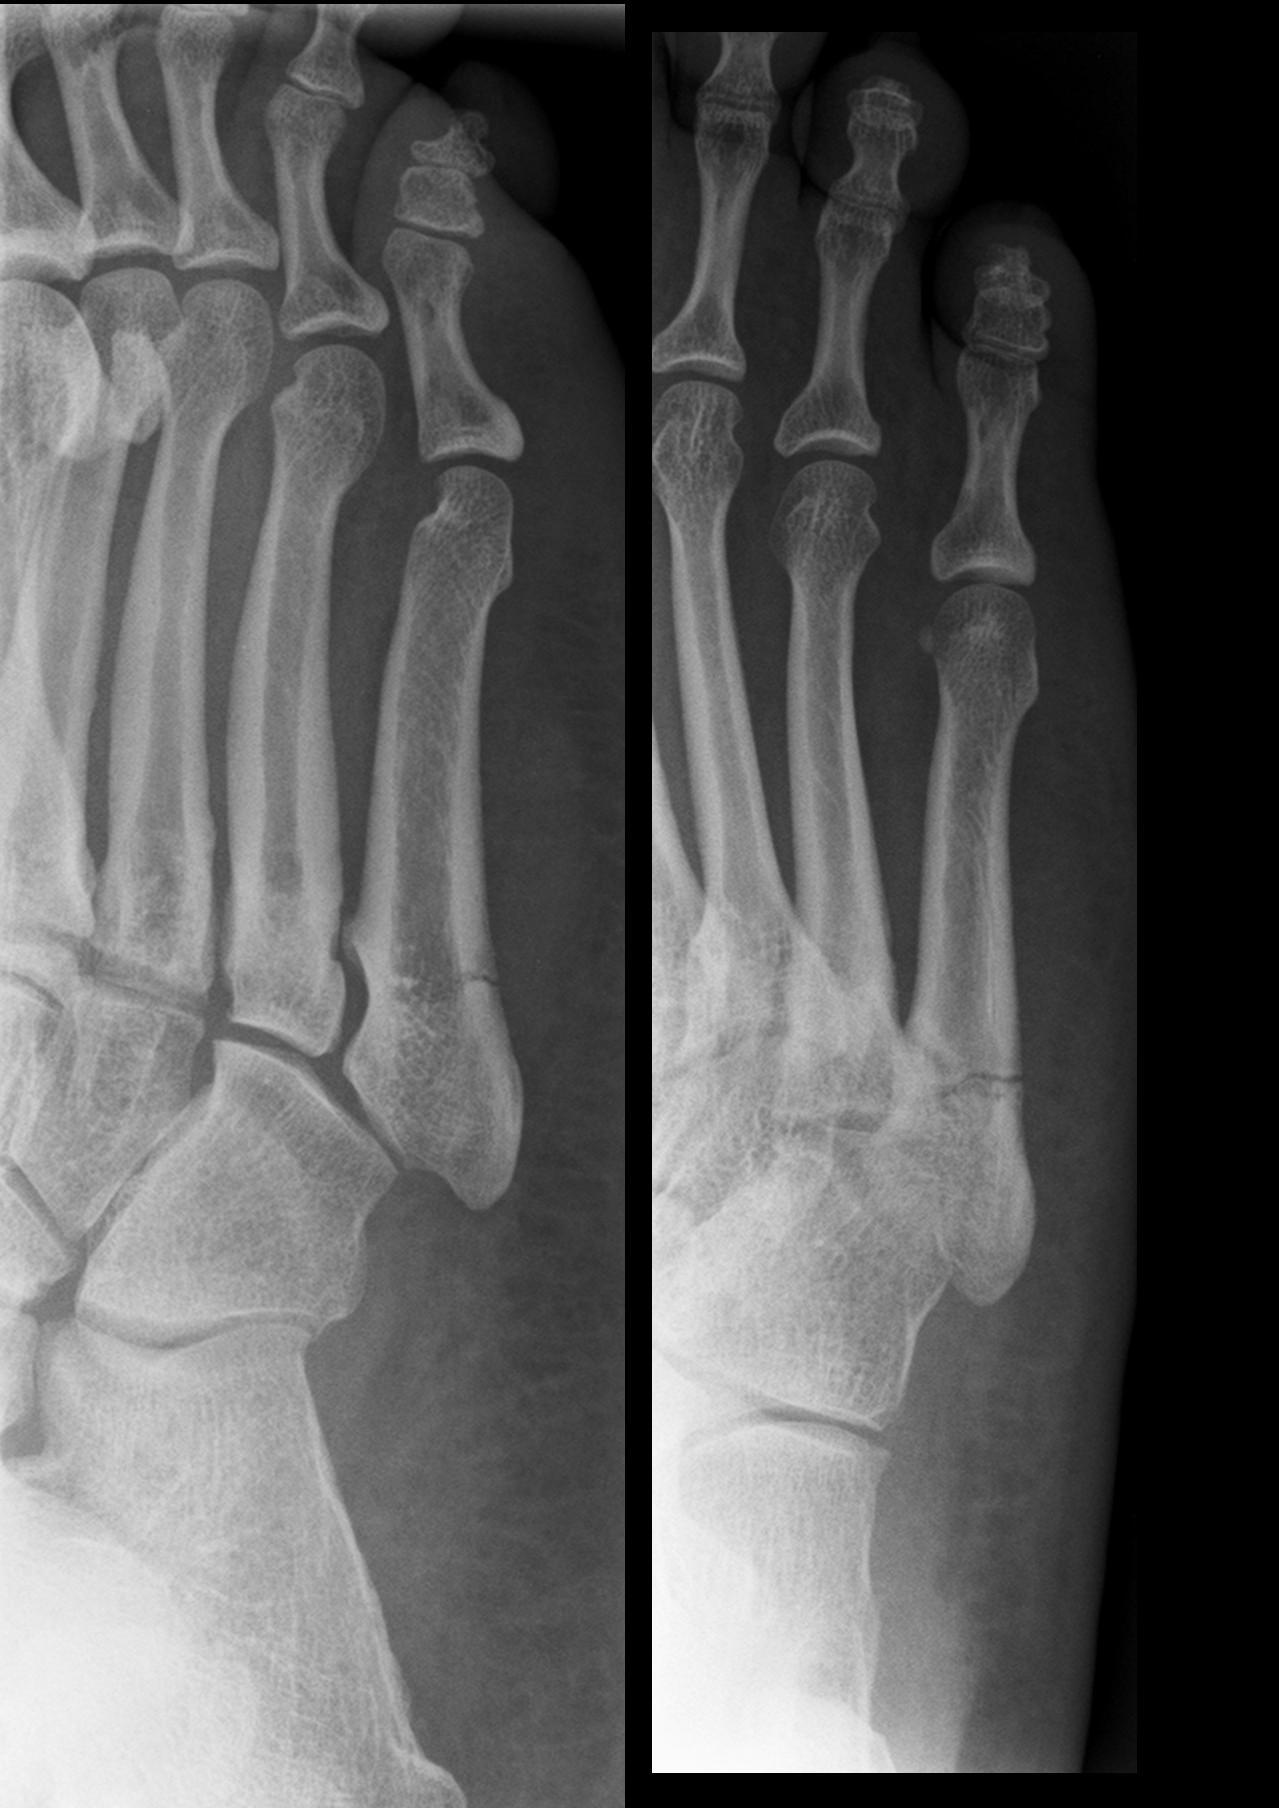 что есть при переломах костей: